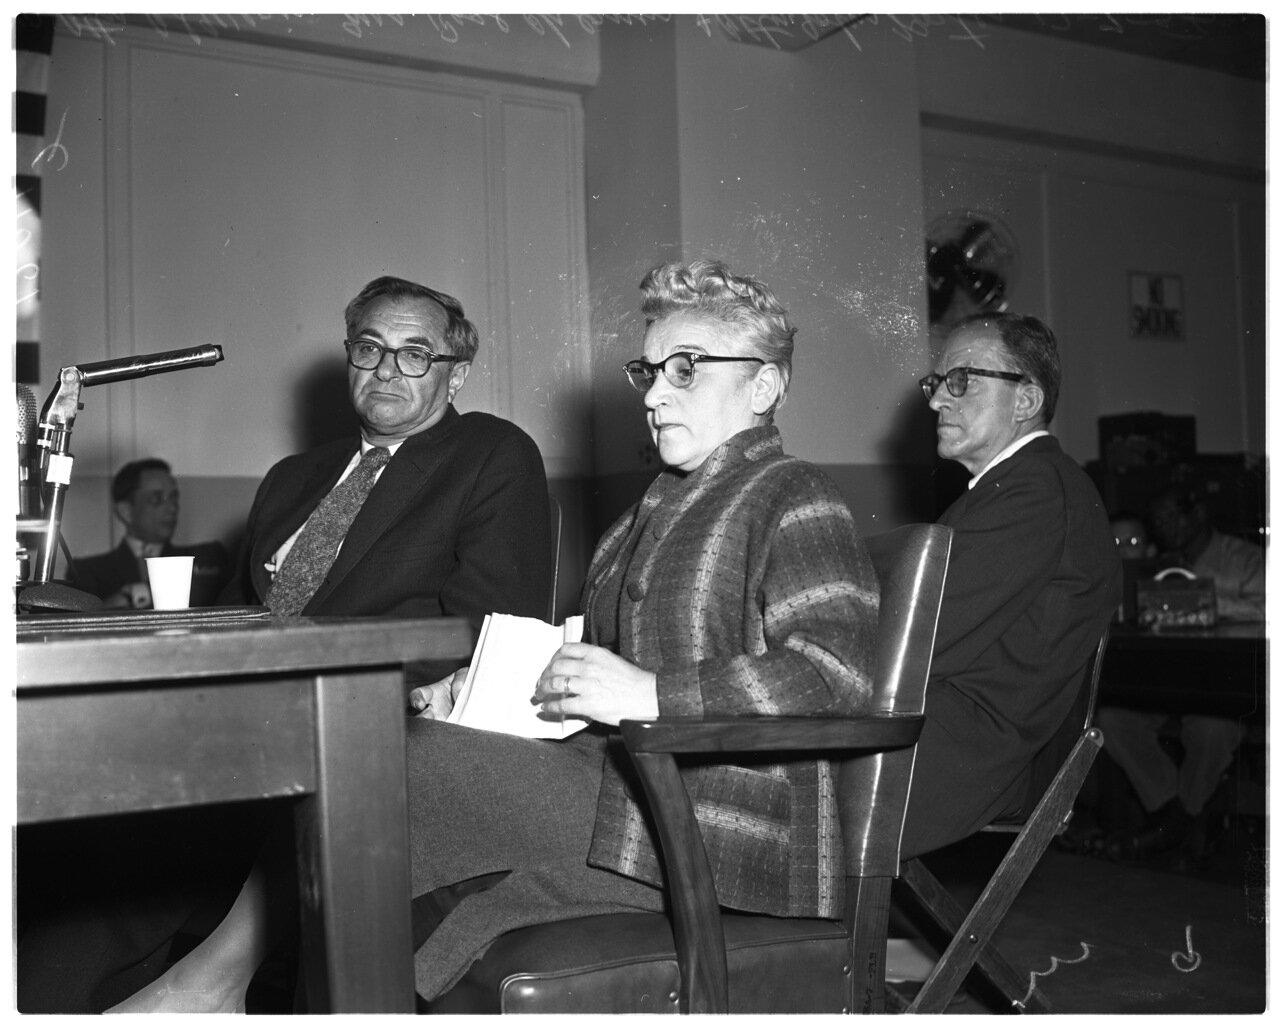 1956. 7 декабря. Комиссия по расследованию антиамериканской деятельности.  Адвокат Аль Верин, г-жа Роза Чернин; прокурор Портер